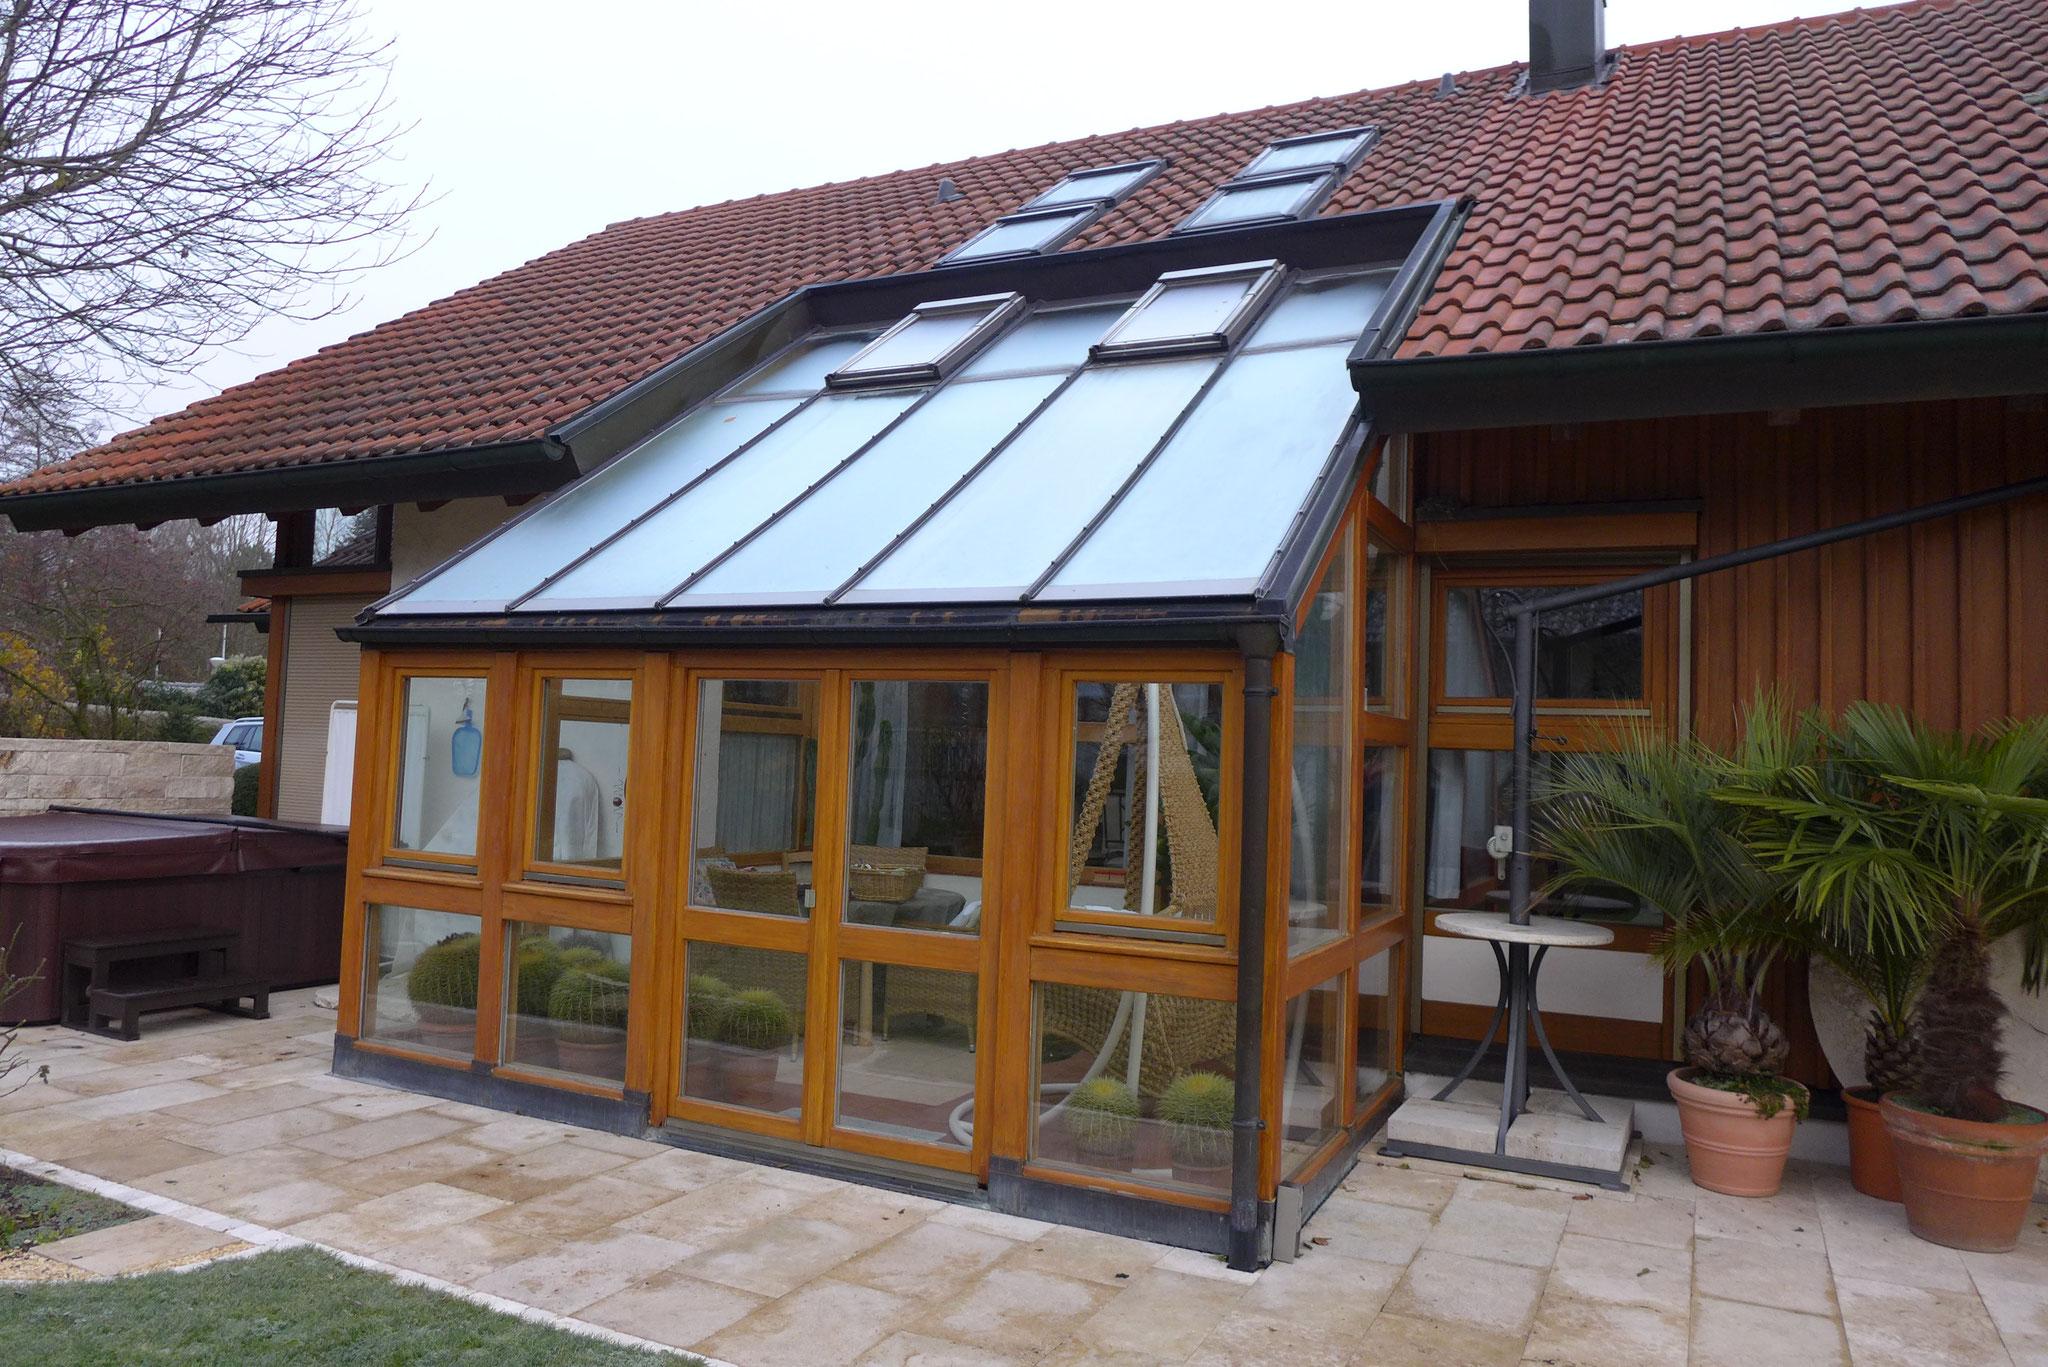 Alu-Wintergarten mit aufgesetztem undichtem Dachfenster, breite Rahmenprofile, schmale Drehtüre als Ausgang